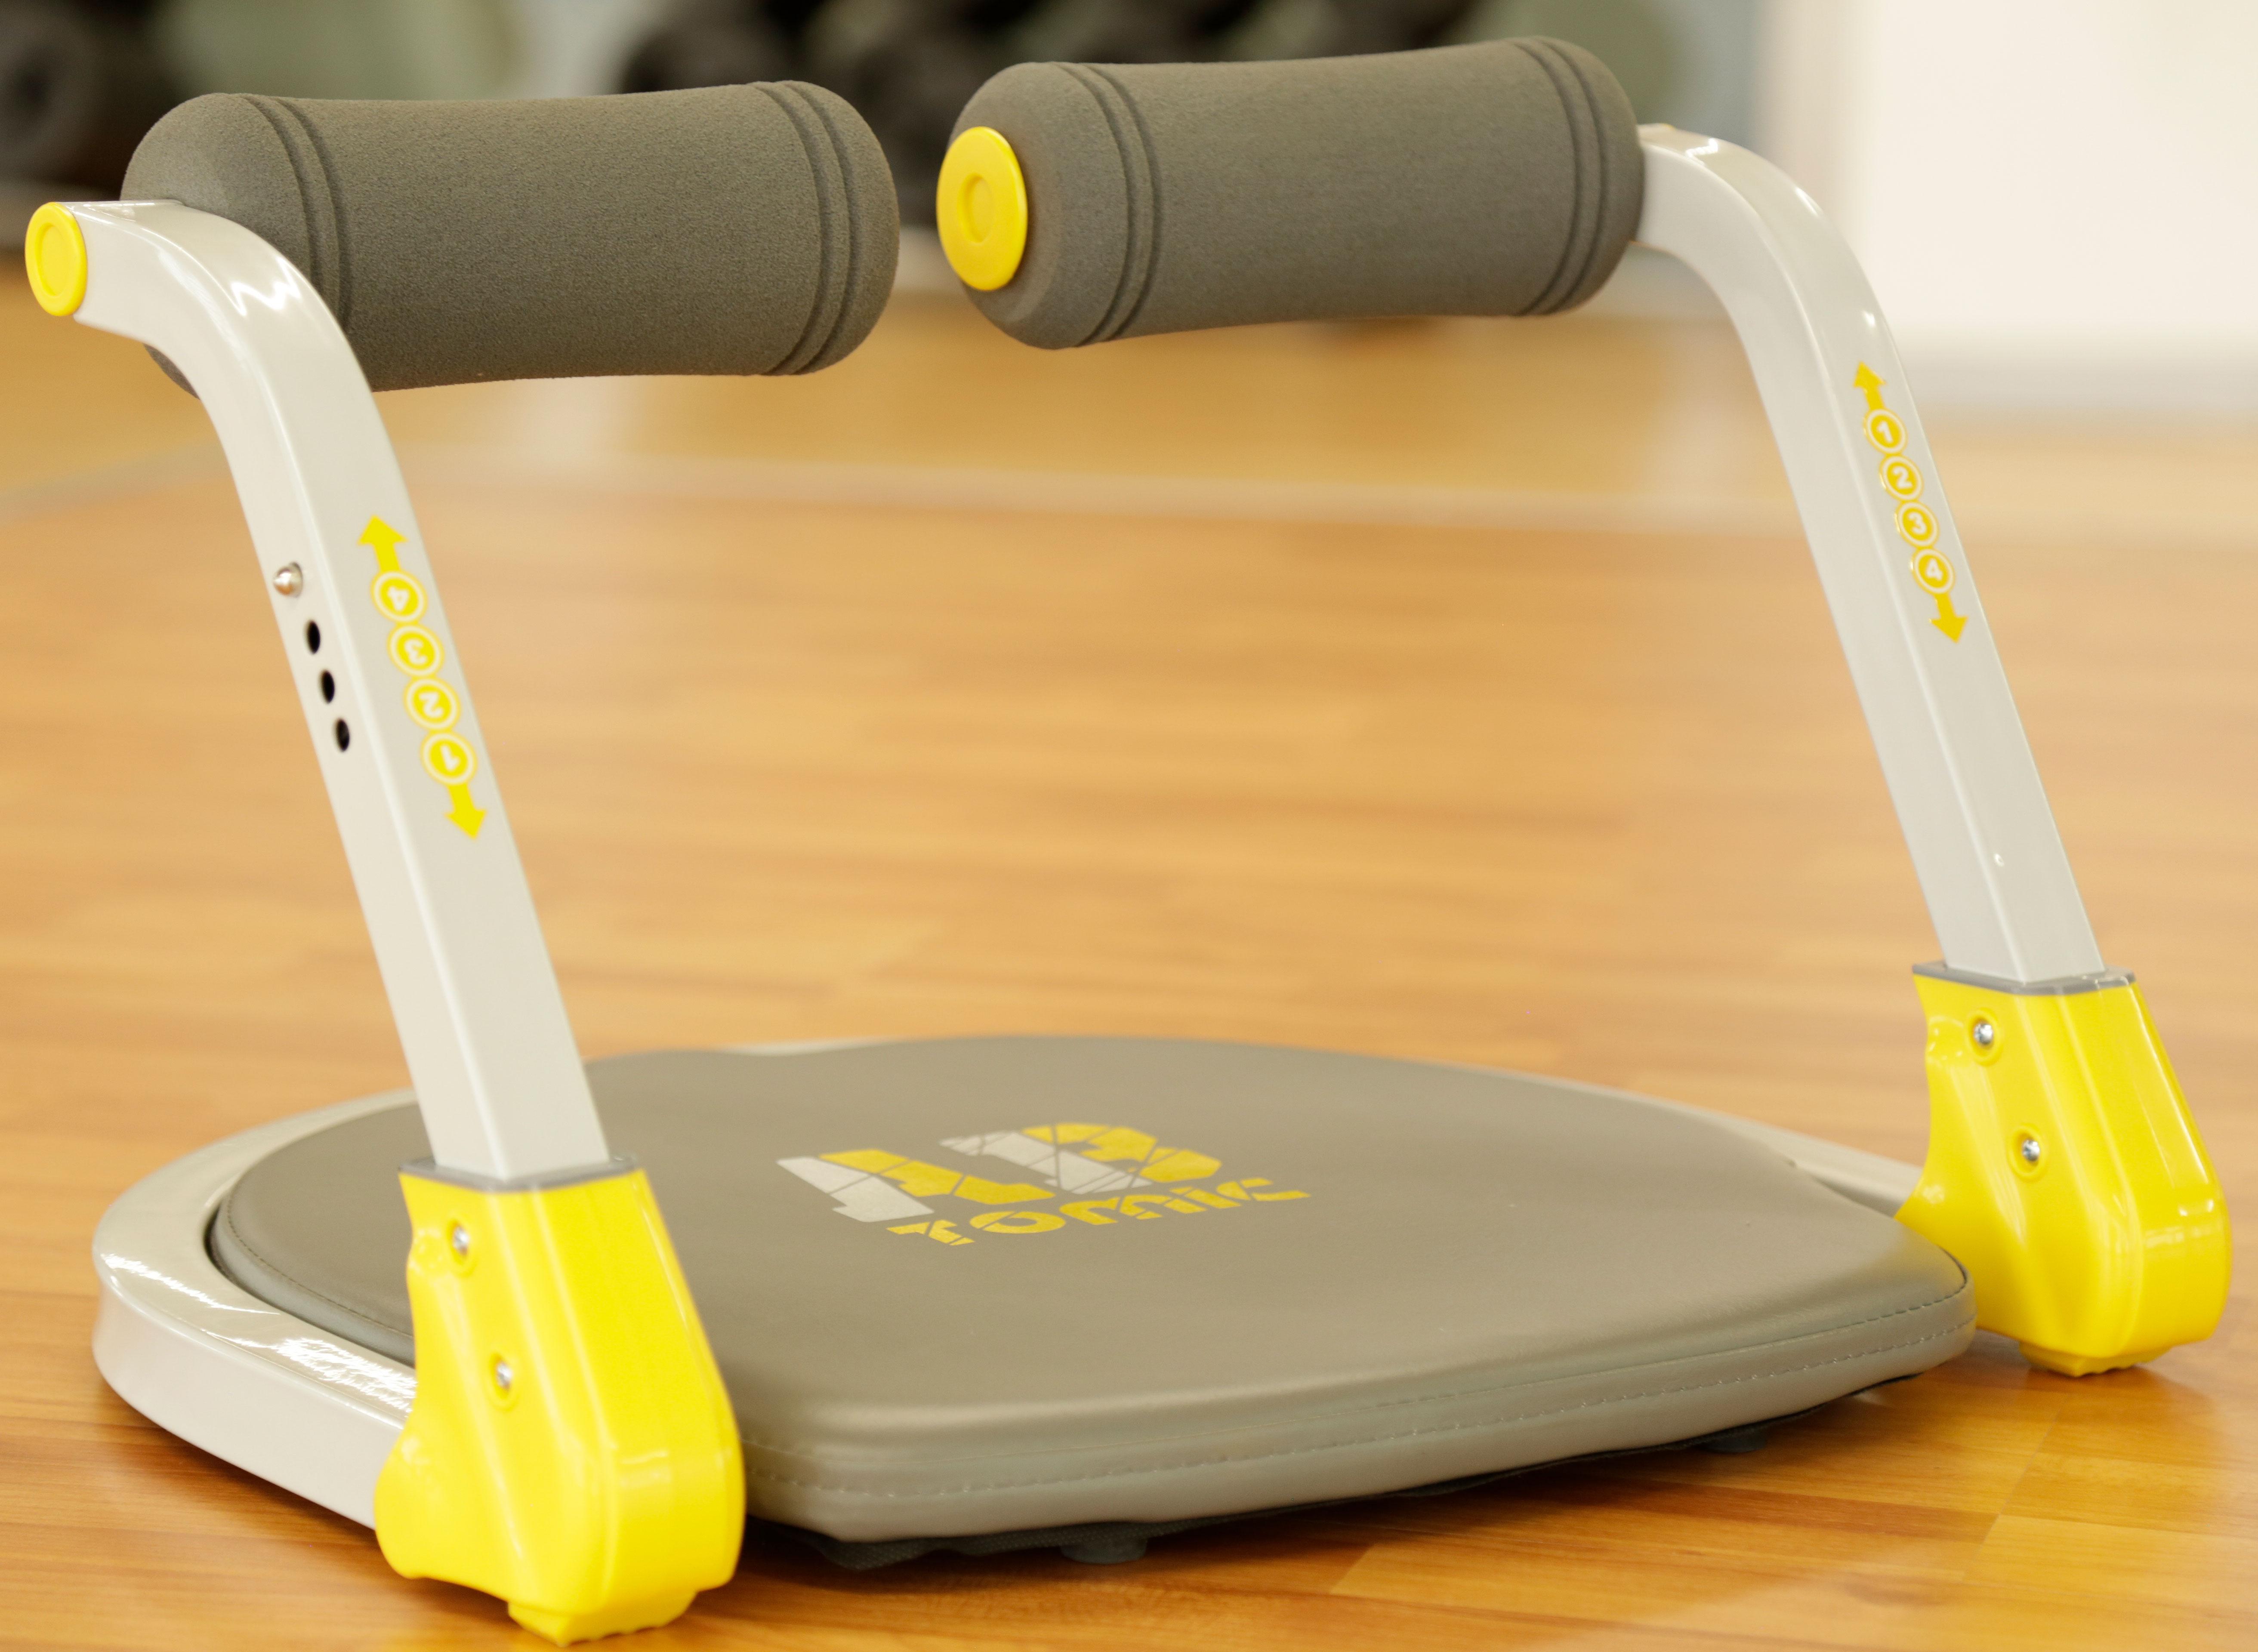 Aparato de ejercicio Ab Tomic que soporta 120 kg de peso.